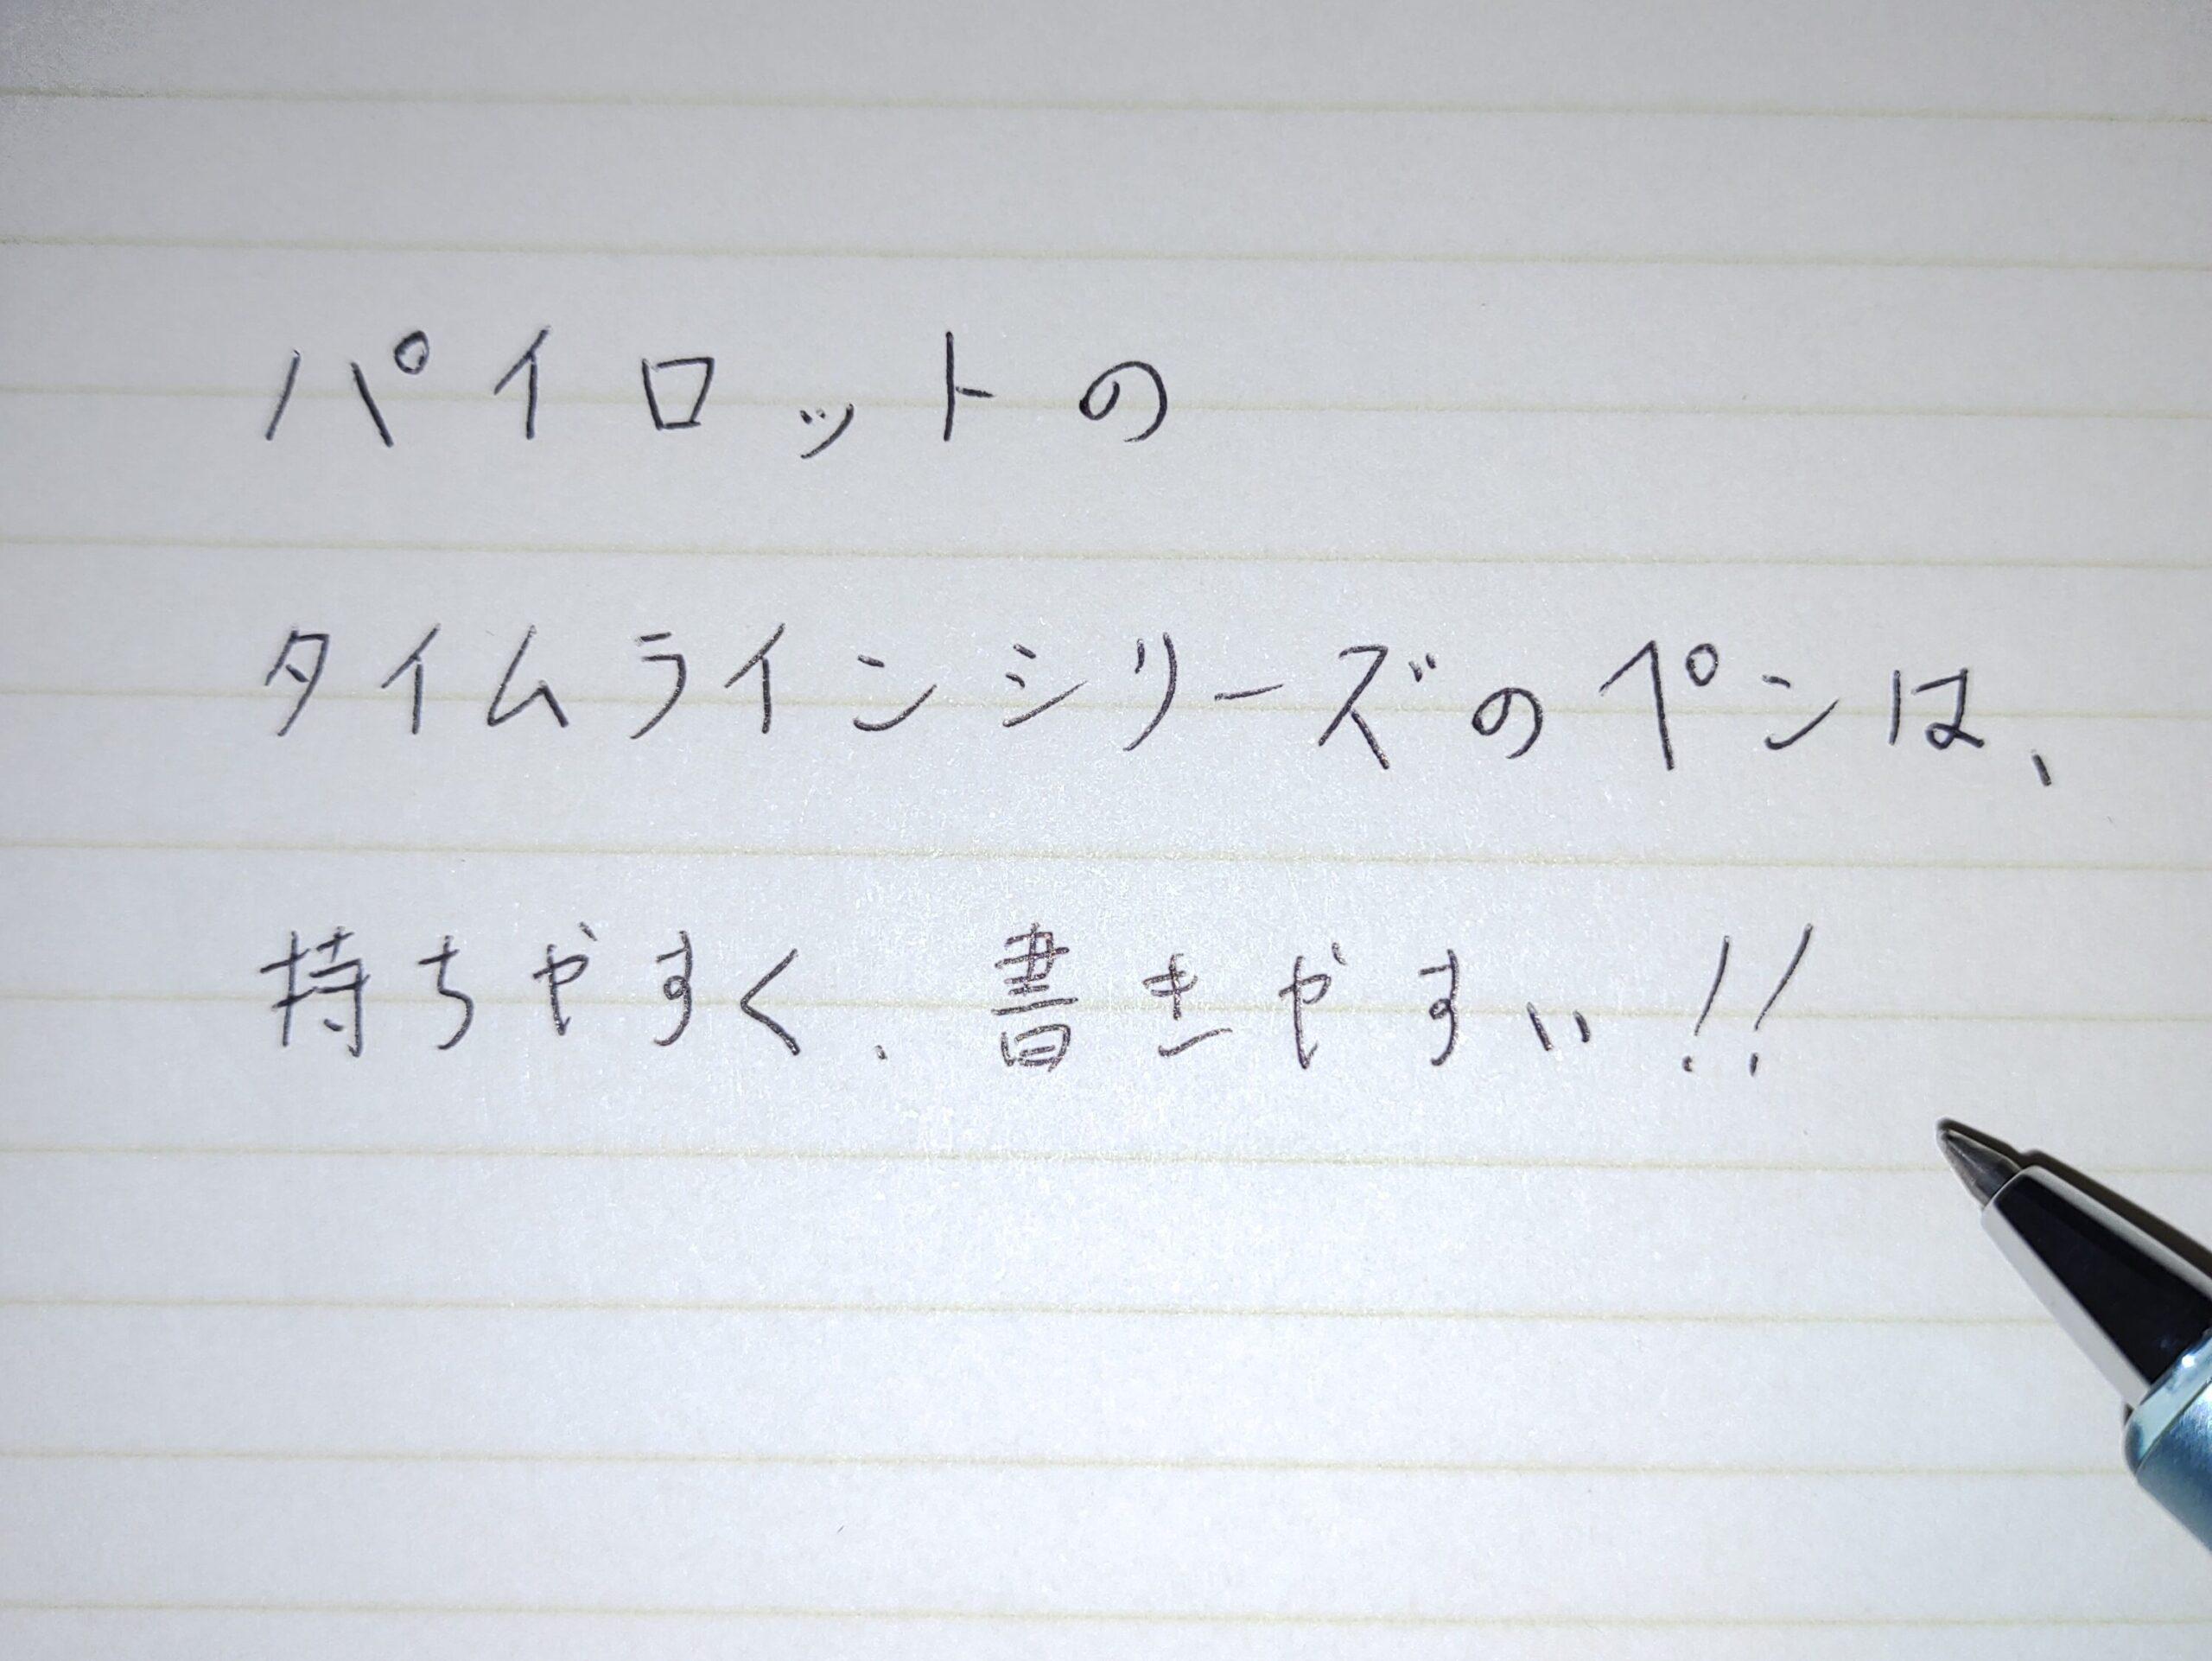 タイムラインのボールペンで書いた字